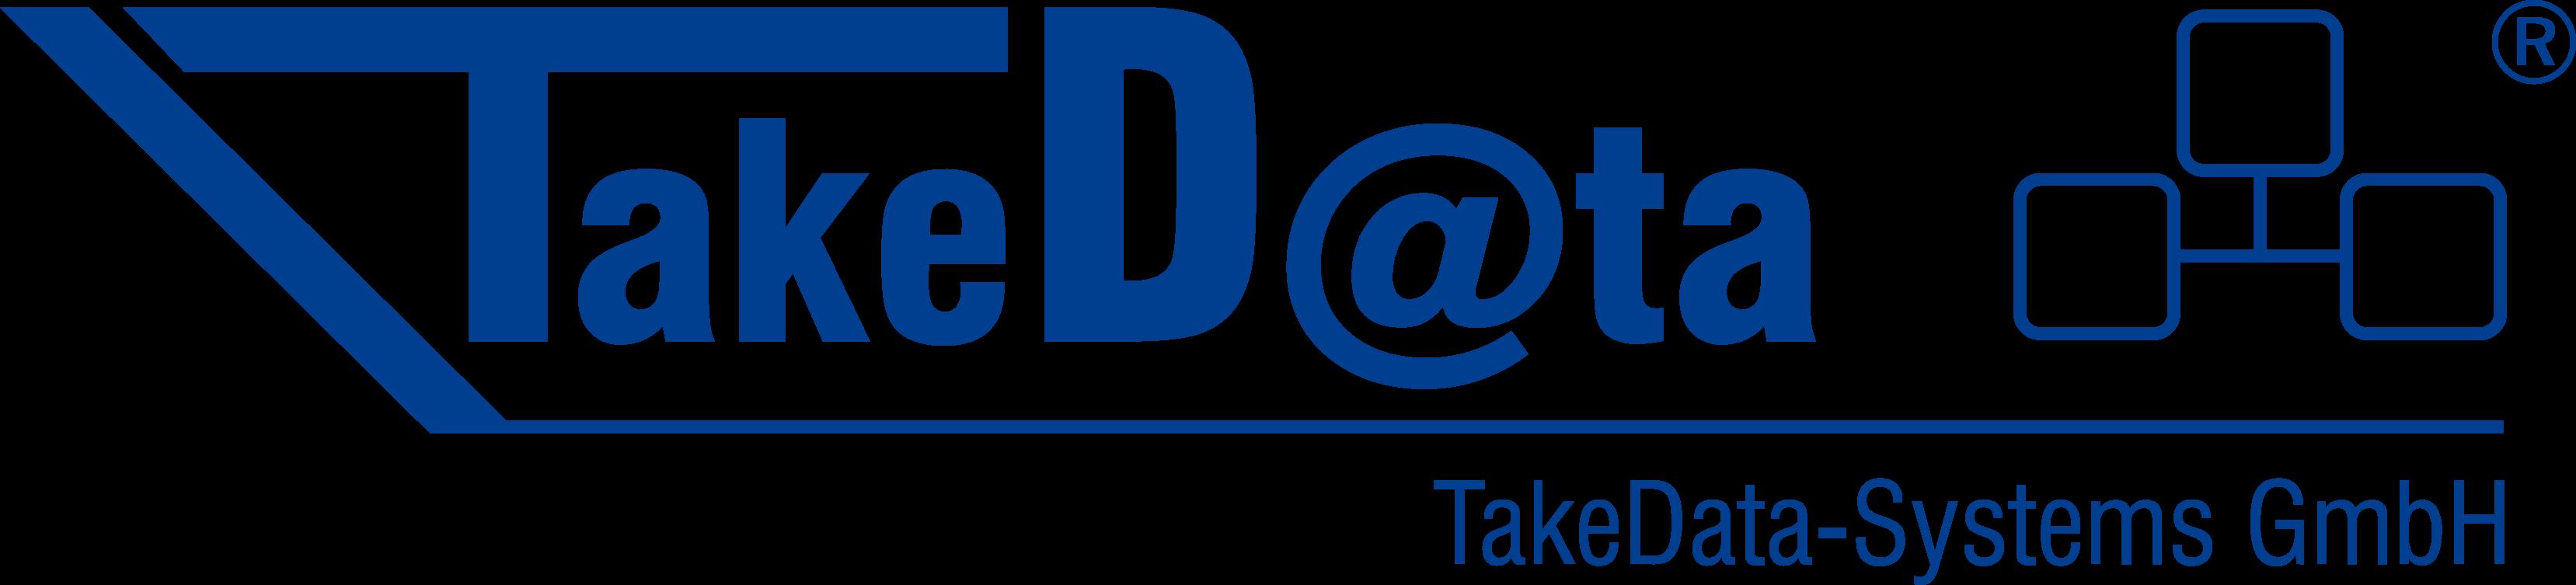 Takedata Logo